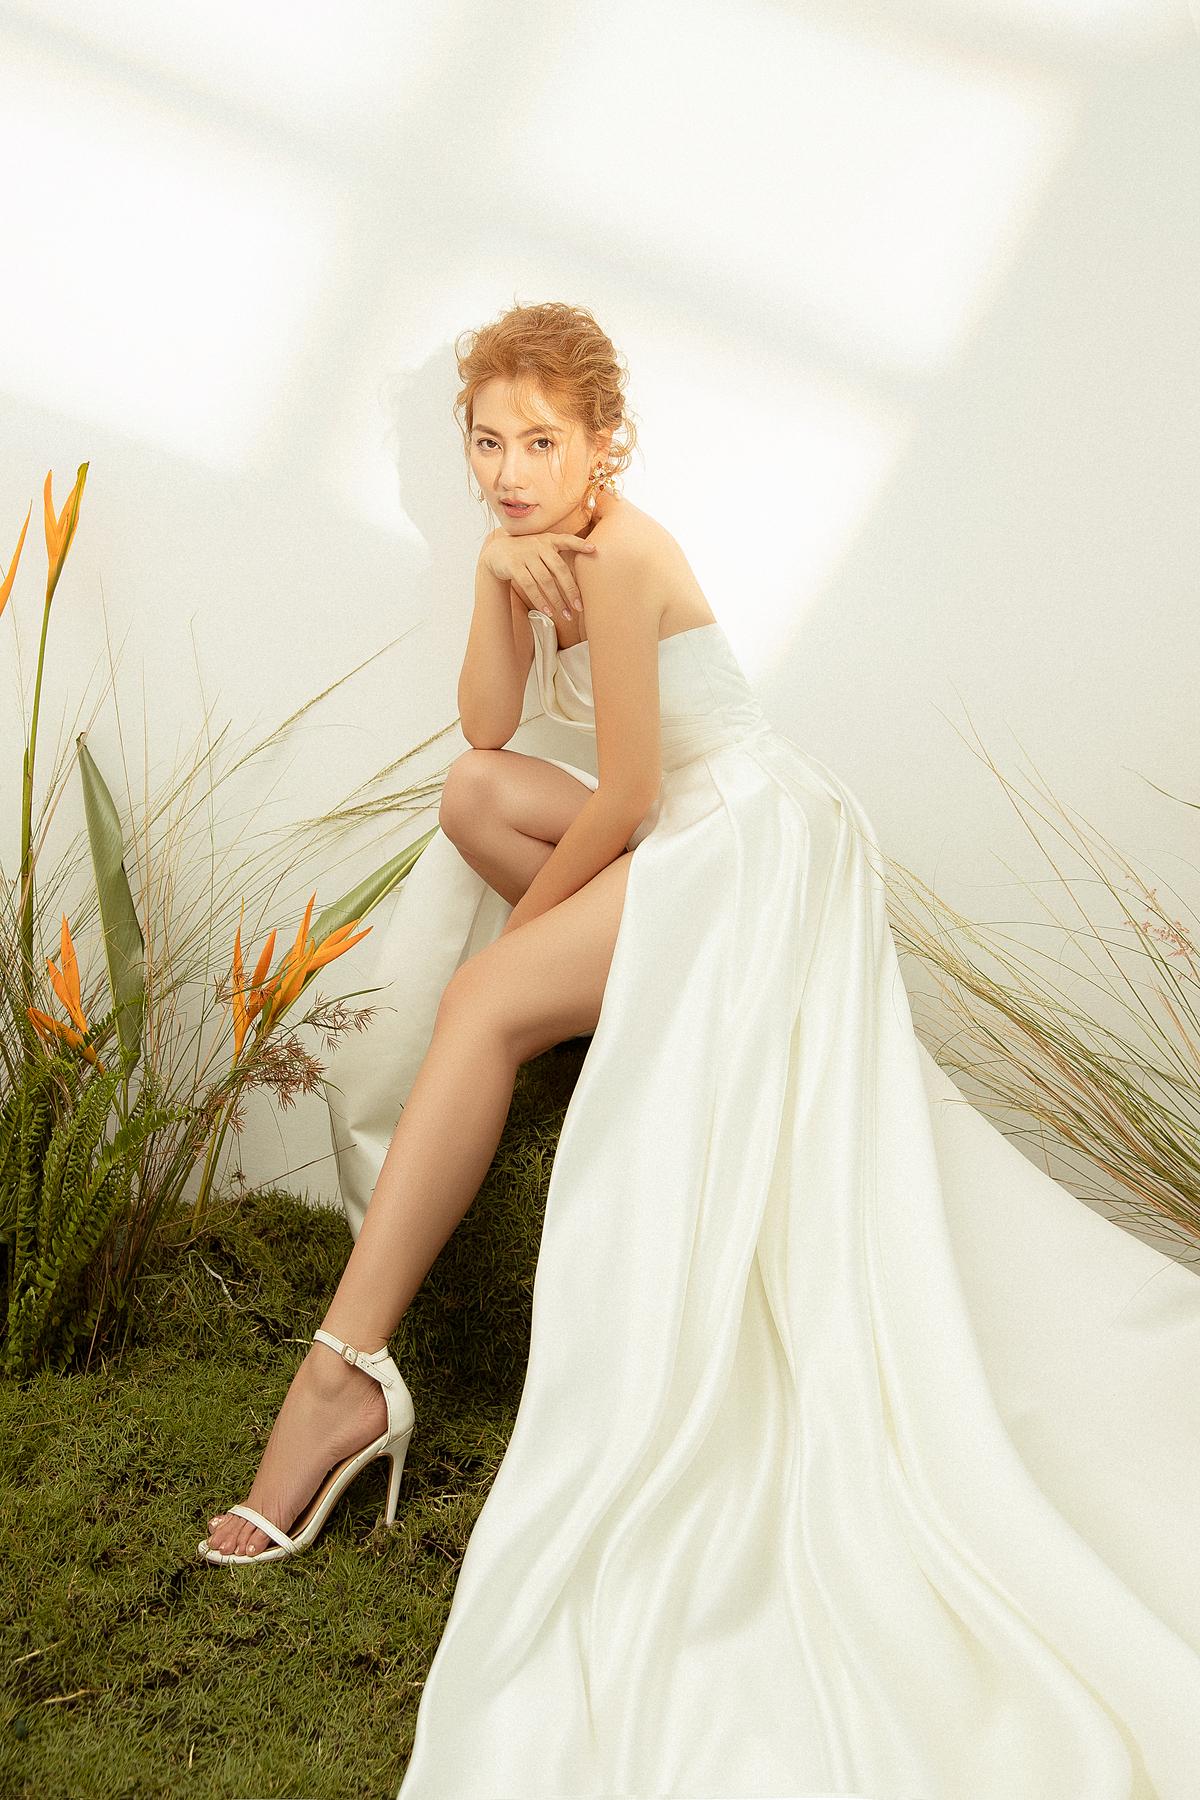 Bằng sự am hiểu về xu hướng thời trang cưới và tình yêu với những cô dâu Việt trên toàn thế giới, thương hiệu Elisa Bridal Couture giới thiệu bộ sưu tập Ertenity Love. Bằng những thiết kế hòa nhập cùng xu hướng thời trang Thu Đông, cùng sự tinh chỉnh theo gu thẩm mỹ và phong cách châu Á, Elisa Bridal Couture sẽ là lựa chọn hoàn hảo cho nàng dâu Việt trong mùa cưới 2020.